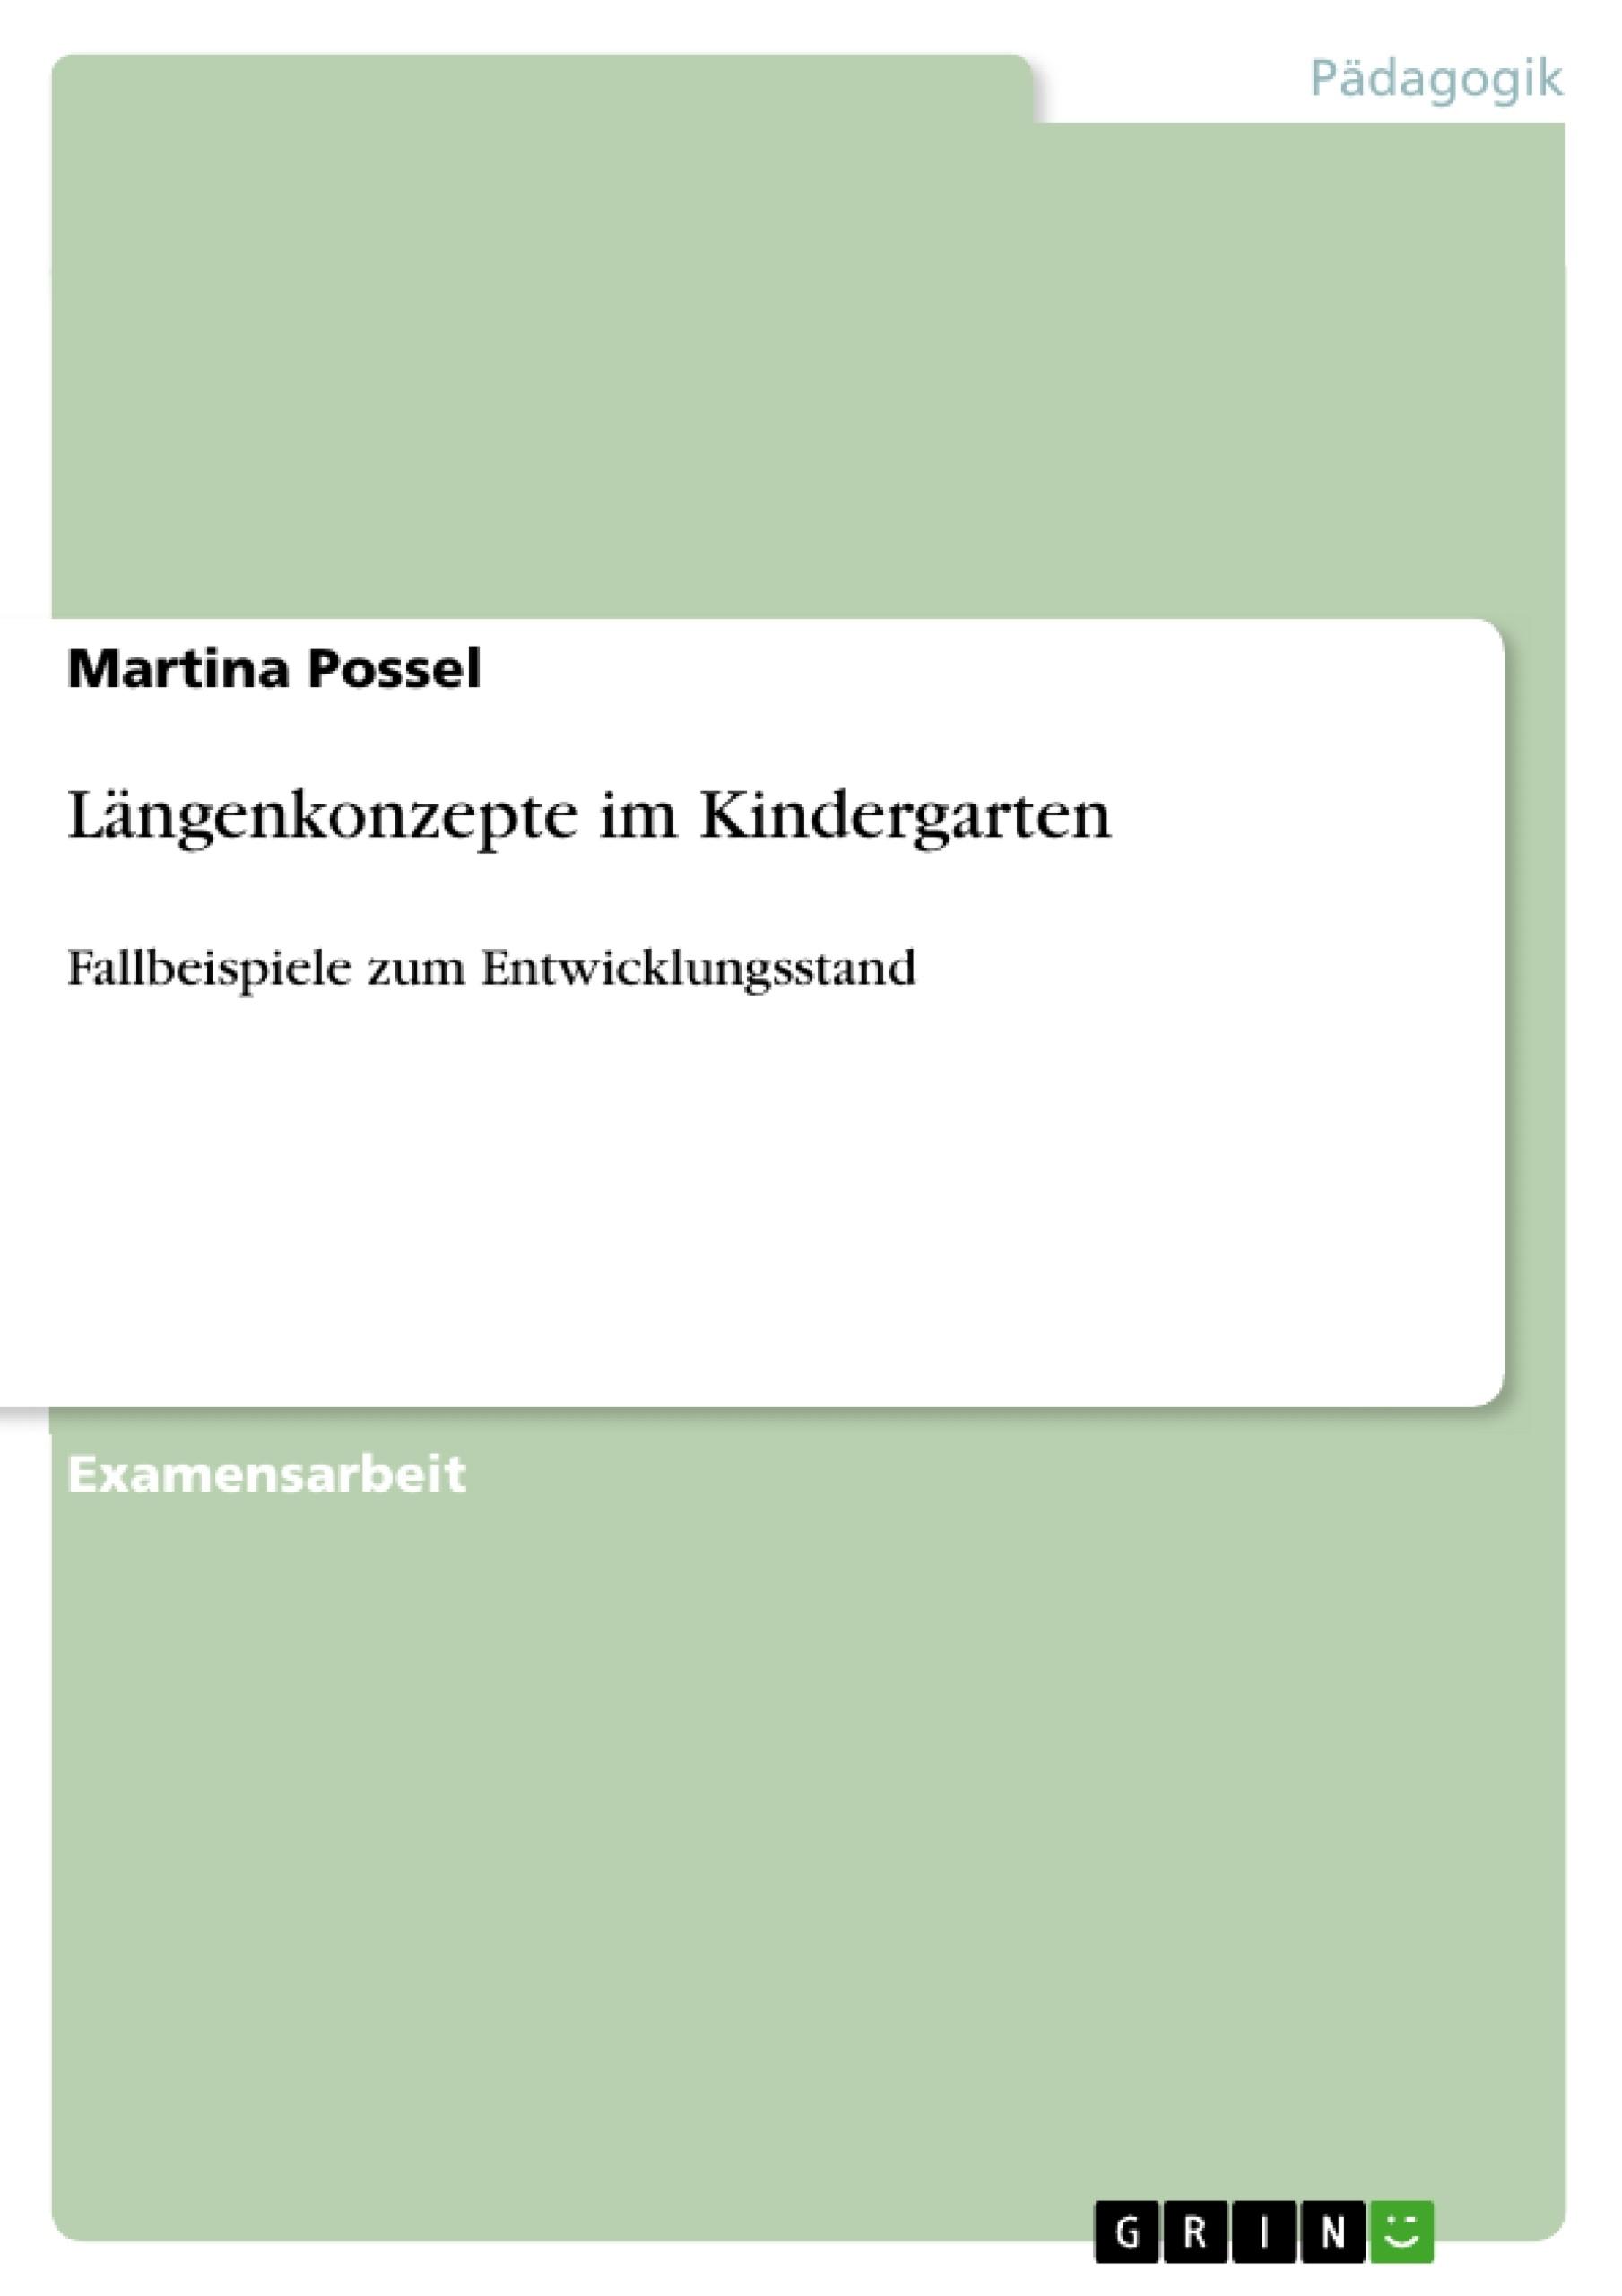 Längenkonzepte im Kindergarten | Masterarbeit, Hausarbeit ...